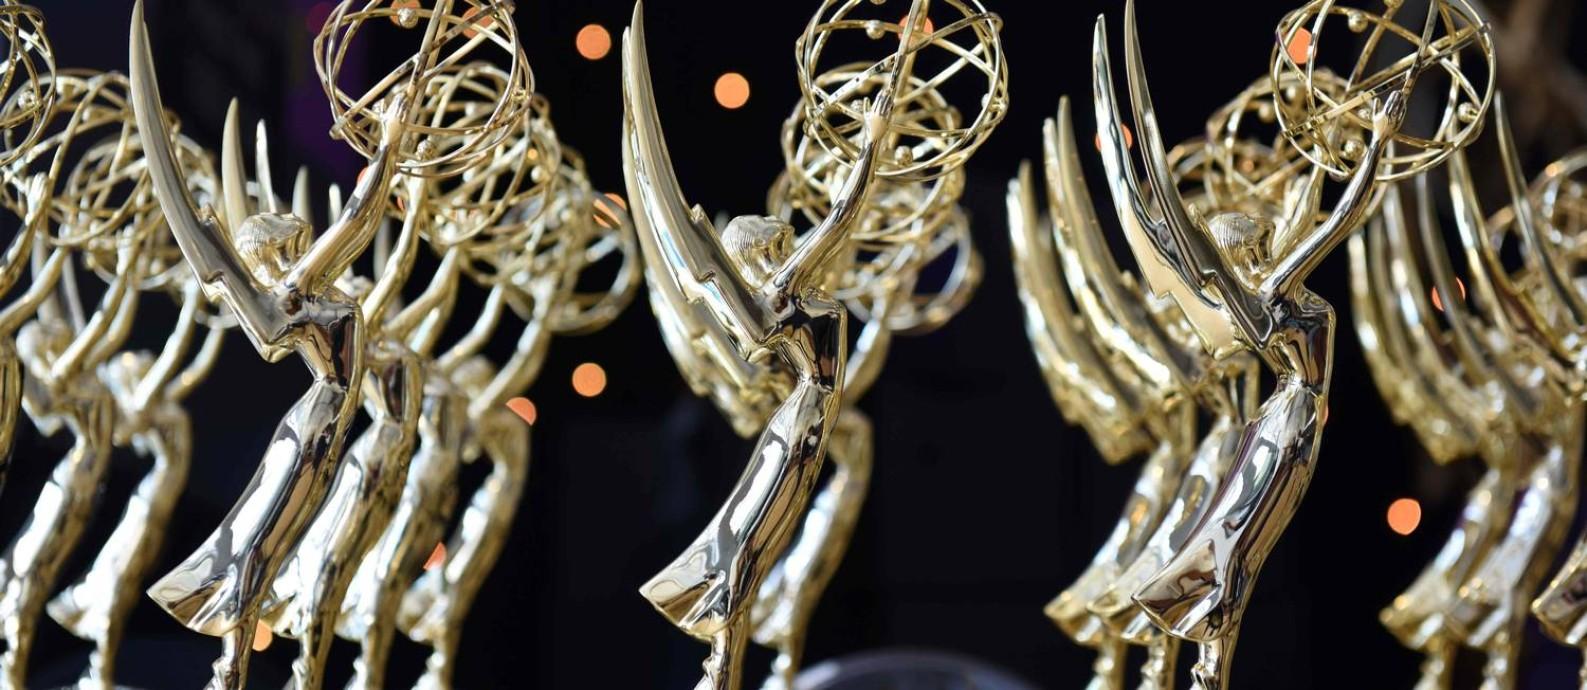 Festa do Emmy 2020 será realizada neste domingo (20). Pela primeira vez em sua história, premiação não terá plateia Foto: Valerie Macon / AFP